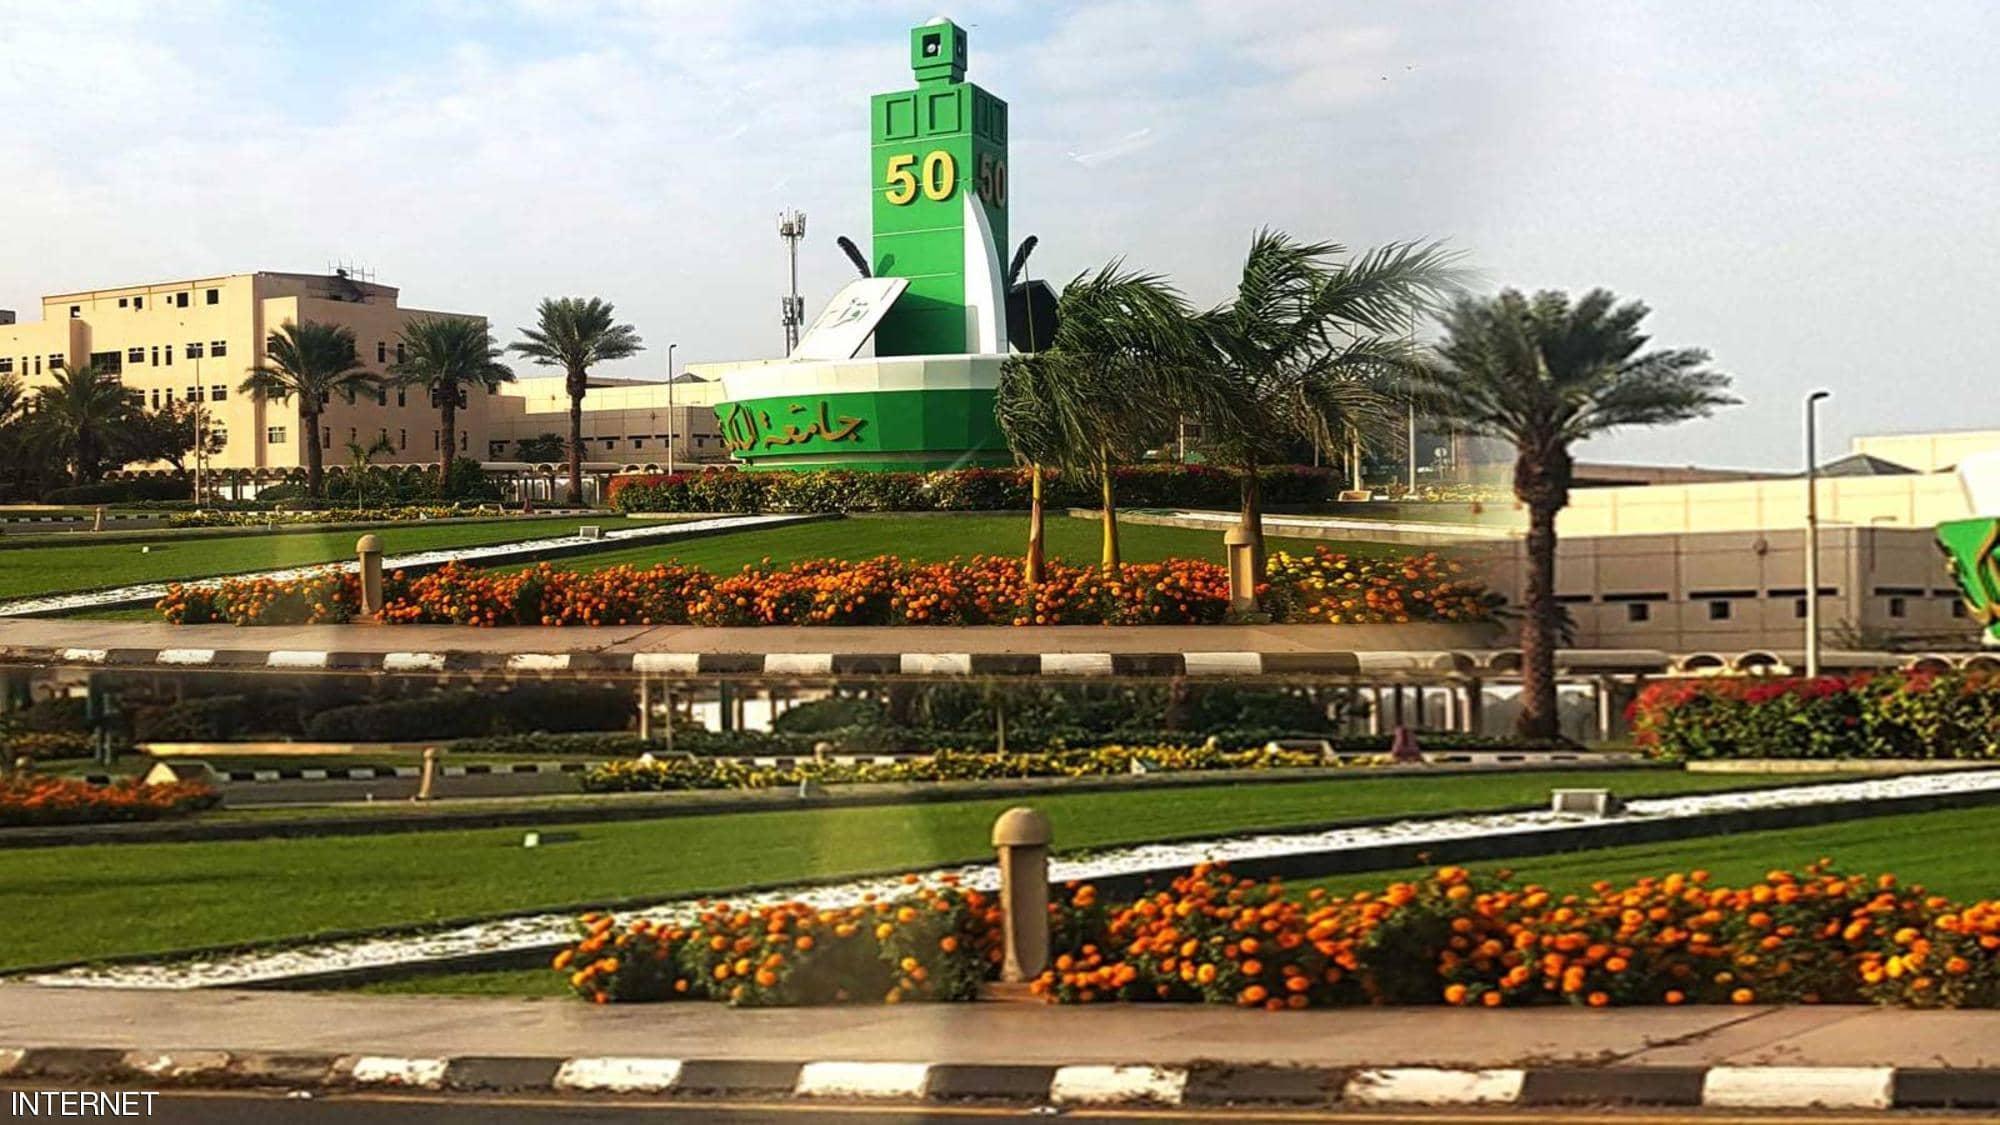 بالترتيب.. أفضل 5 جامعات في العالم العربي